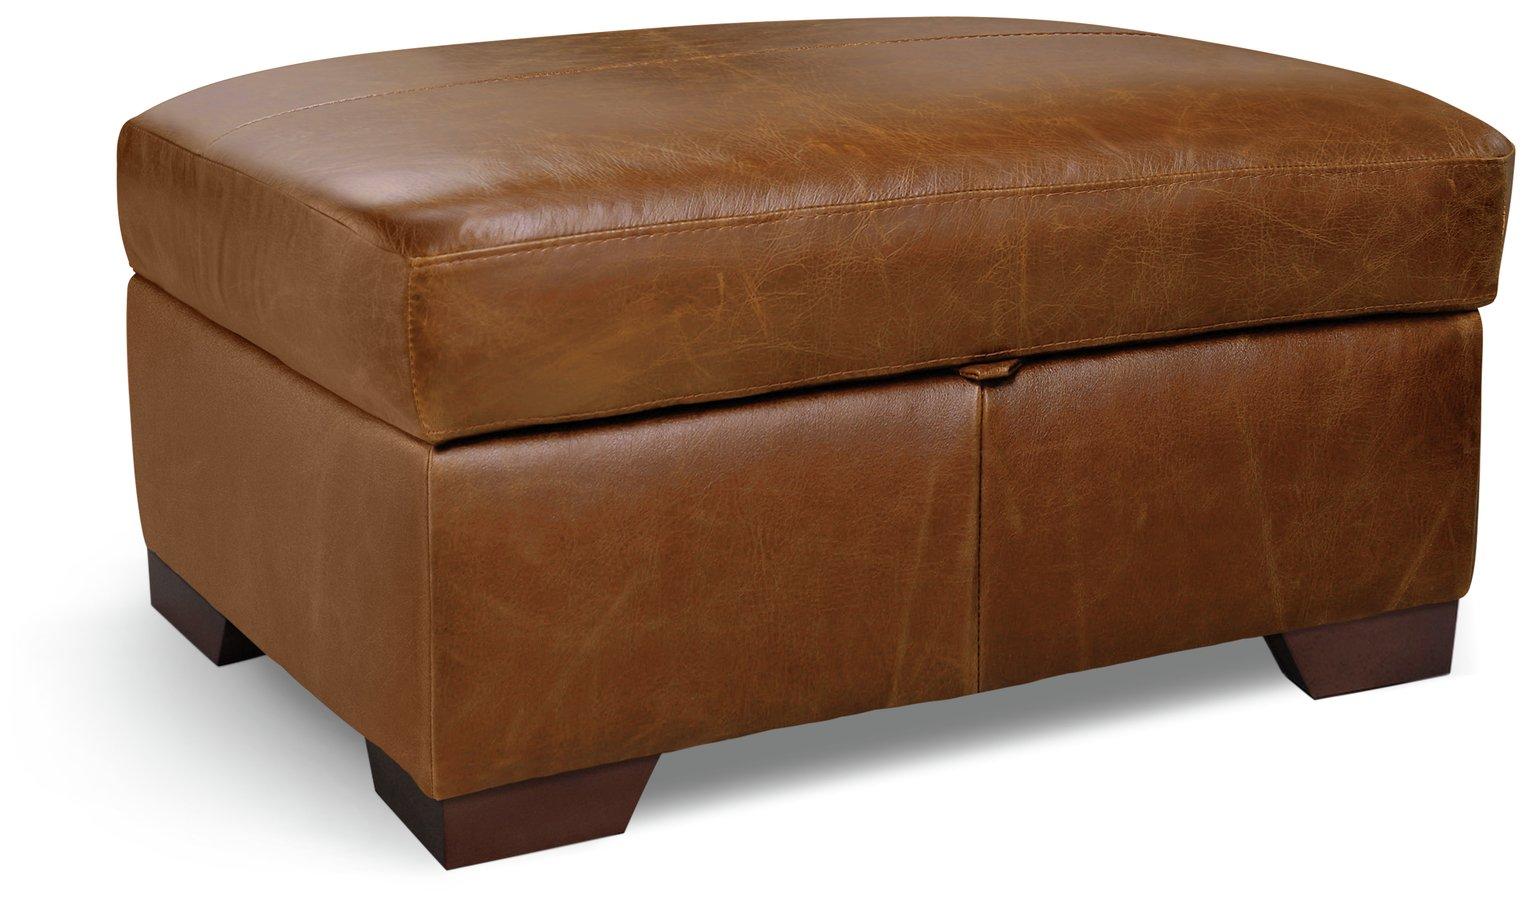 Argos Home Eton Leather Storage Footstool   Tan